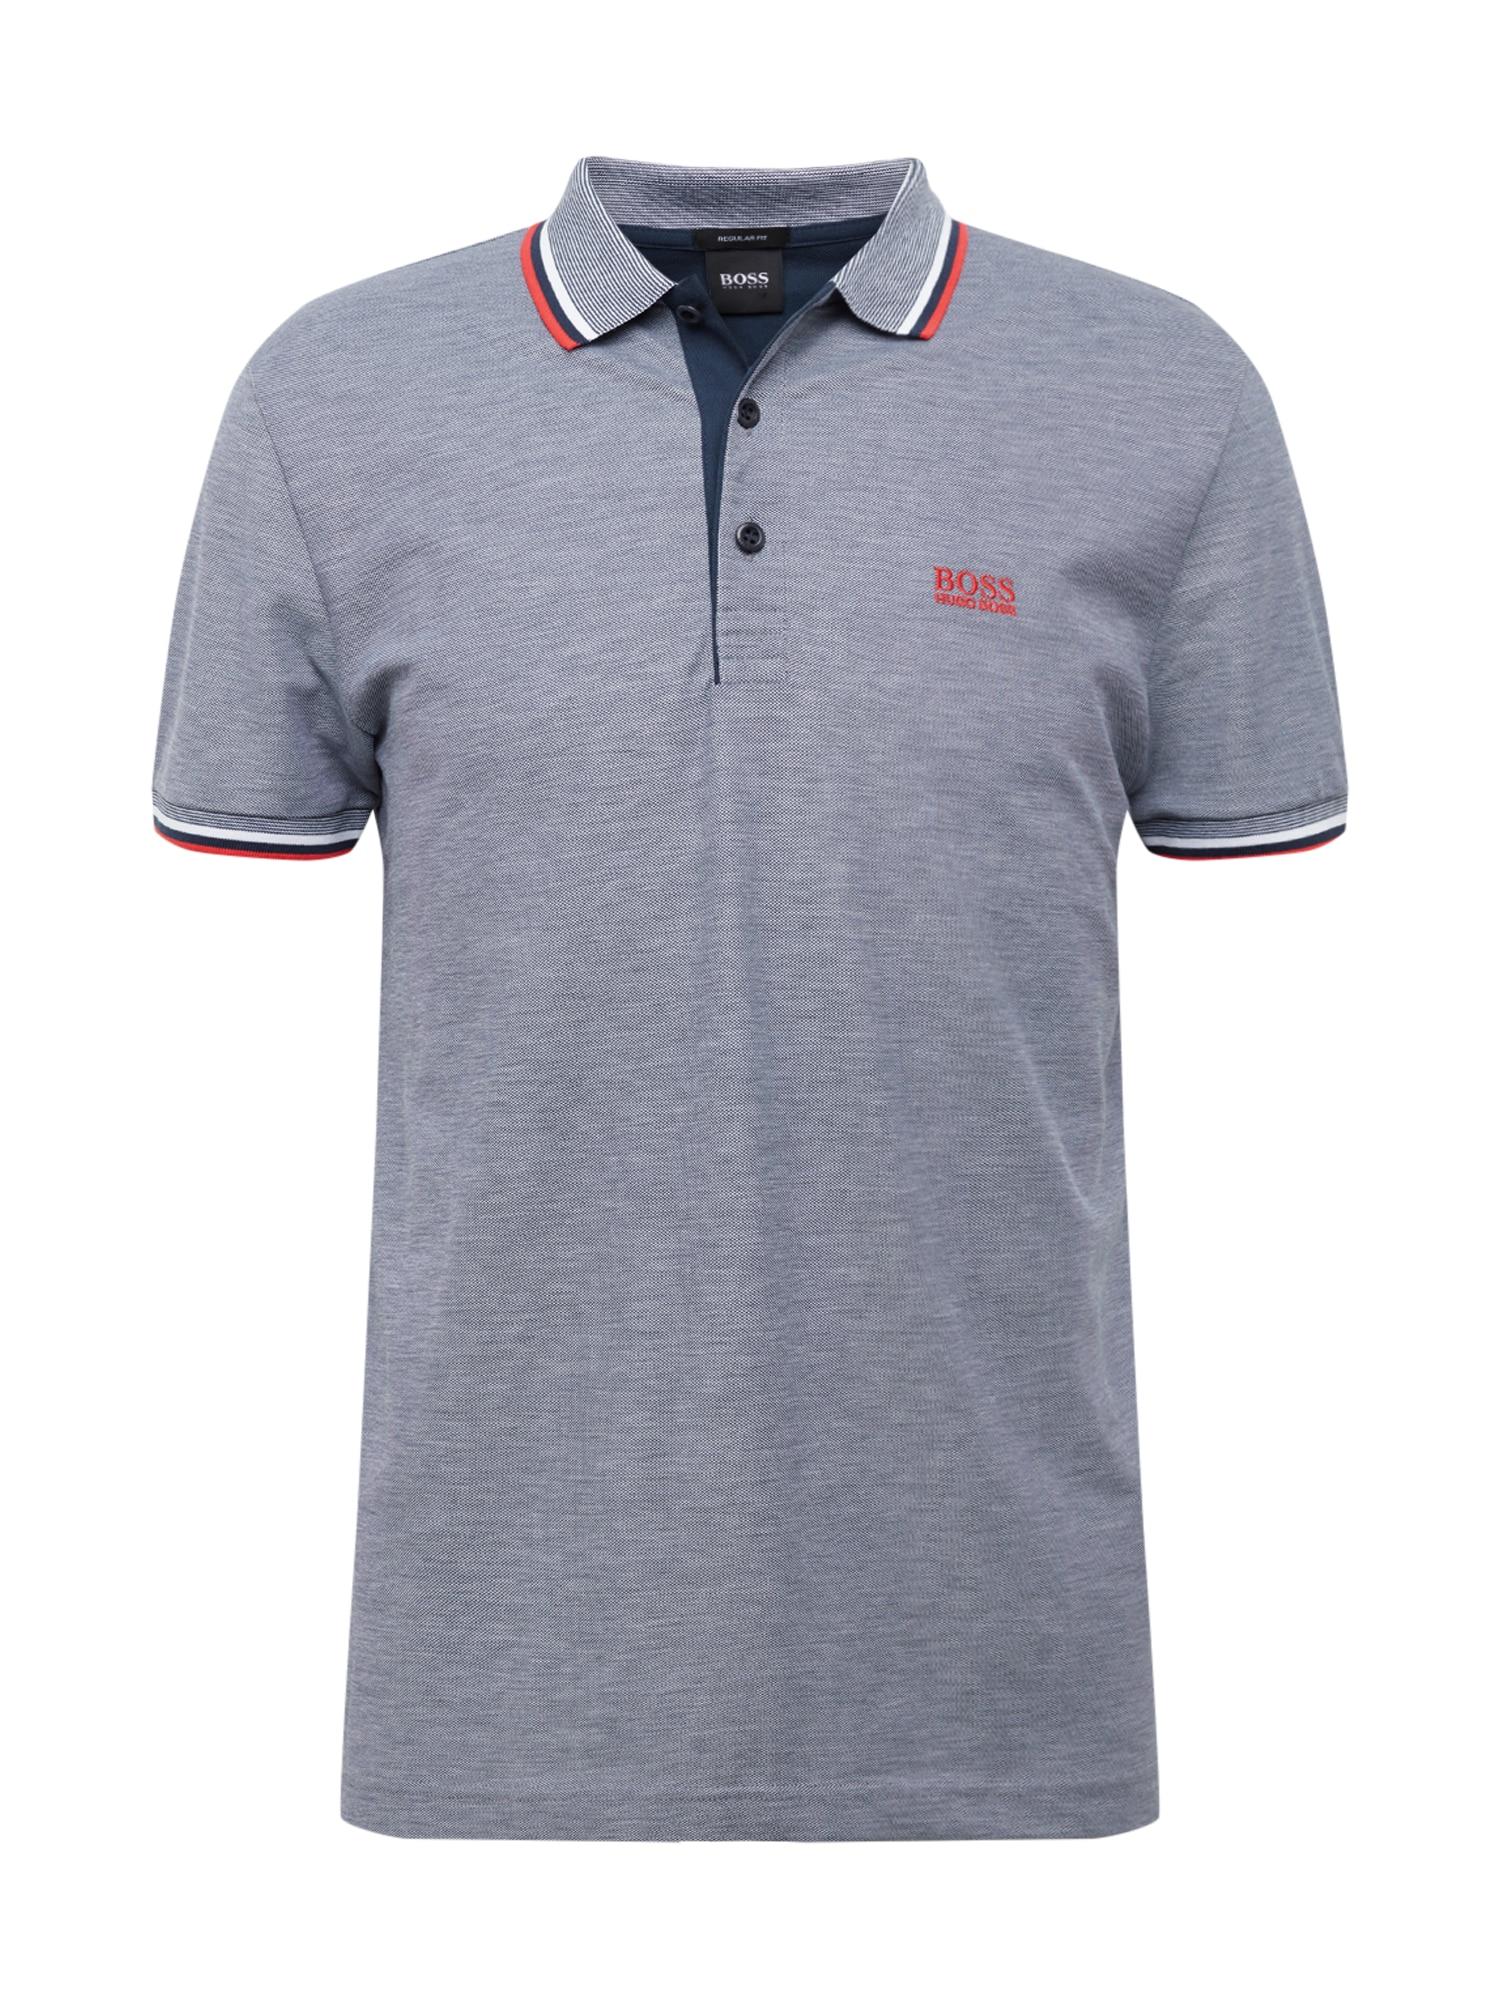 BOSS ATHLEISURE Marškinėliai 'Paddy' margai mėlyna